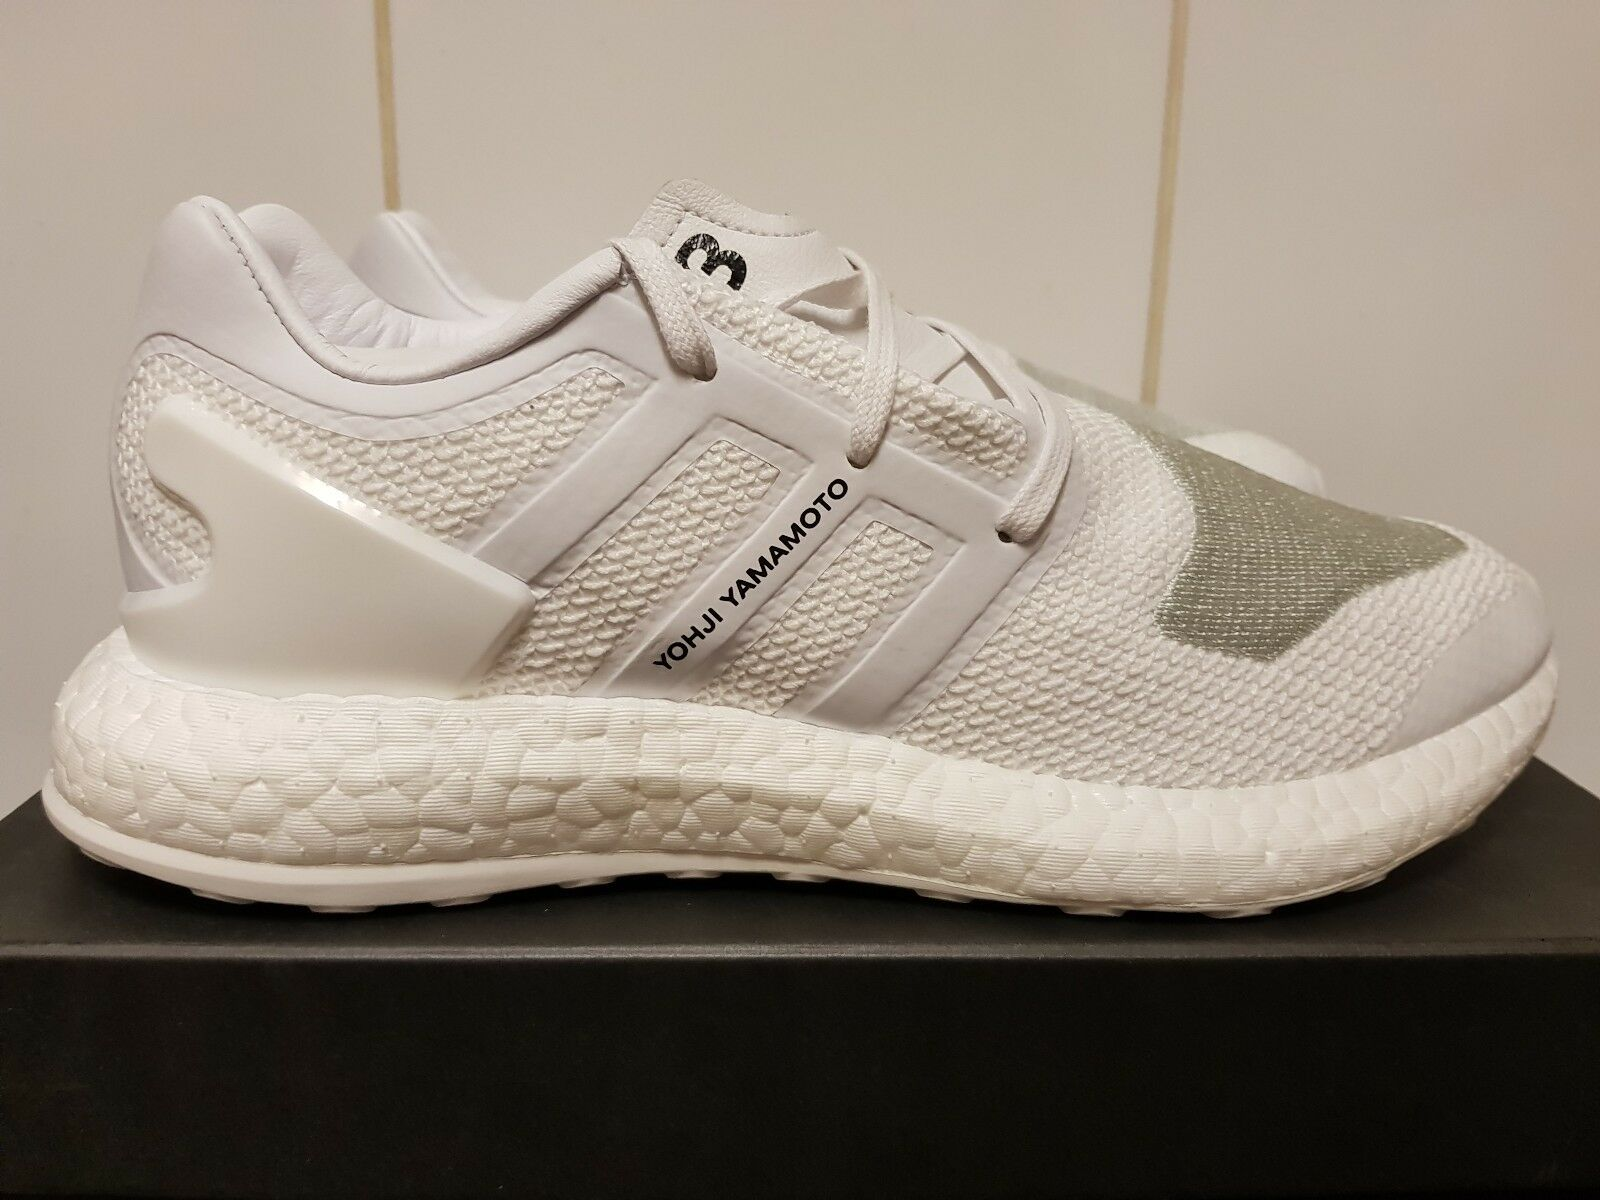 Adidas Y-3 Pureboost ZG Knit Blanc Triple Y3 BY8955 UK 6 US 6.5 Pure Boost